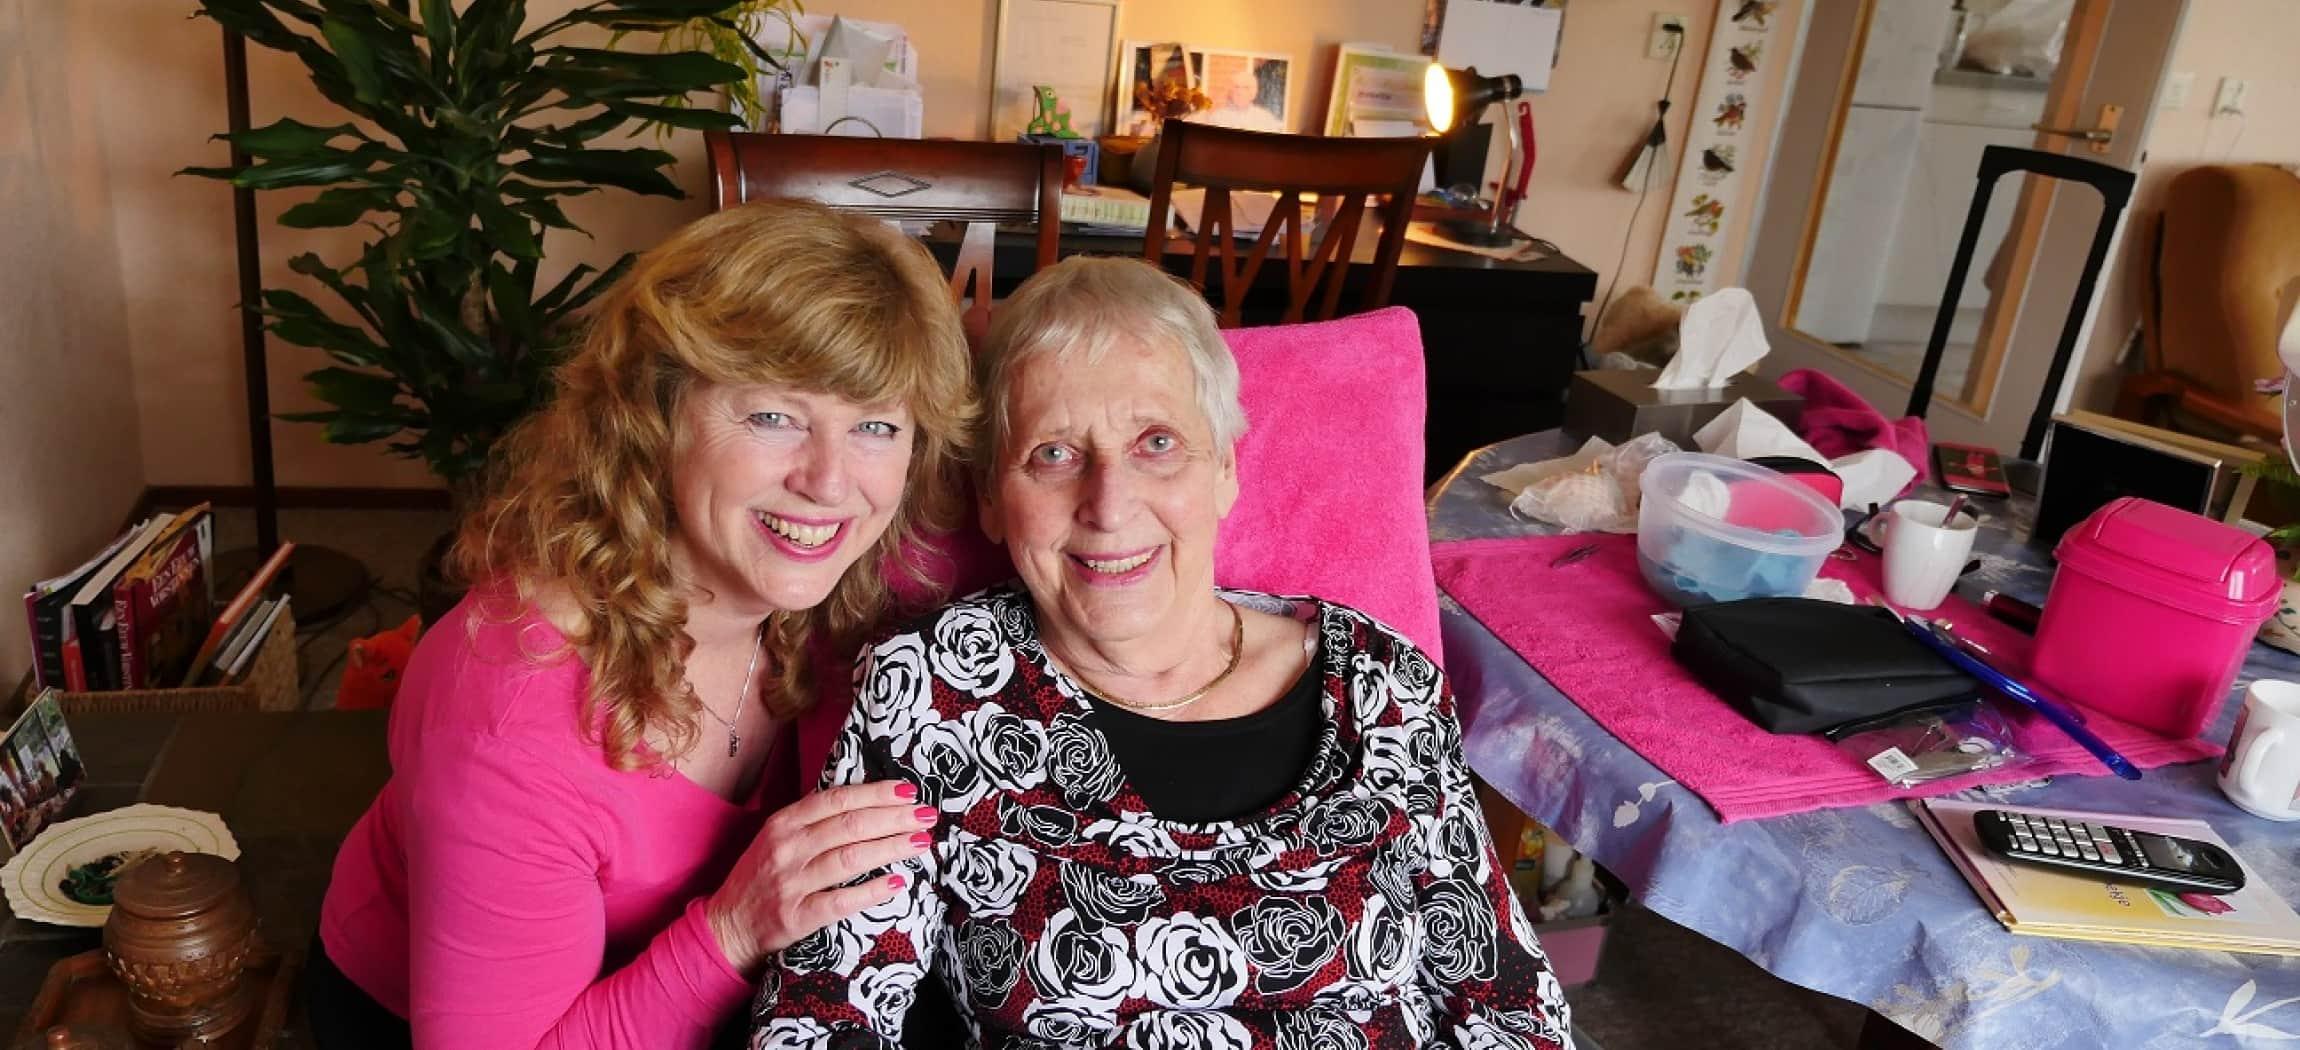 In gezellige woonkamer twee vrouwen met roze spullen schoonheidsbehandeling op tafel